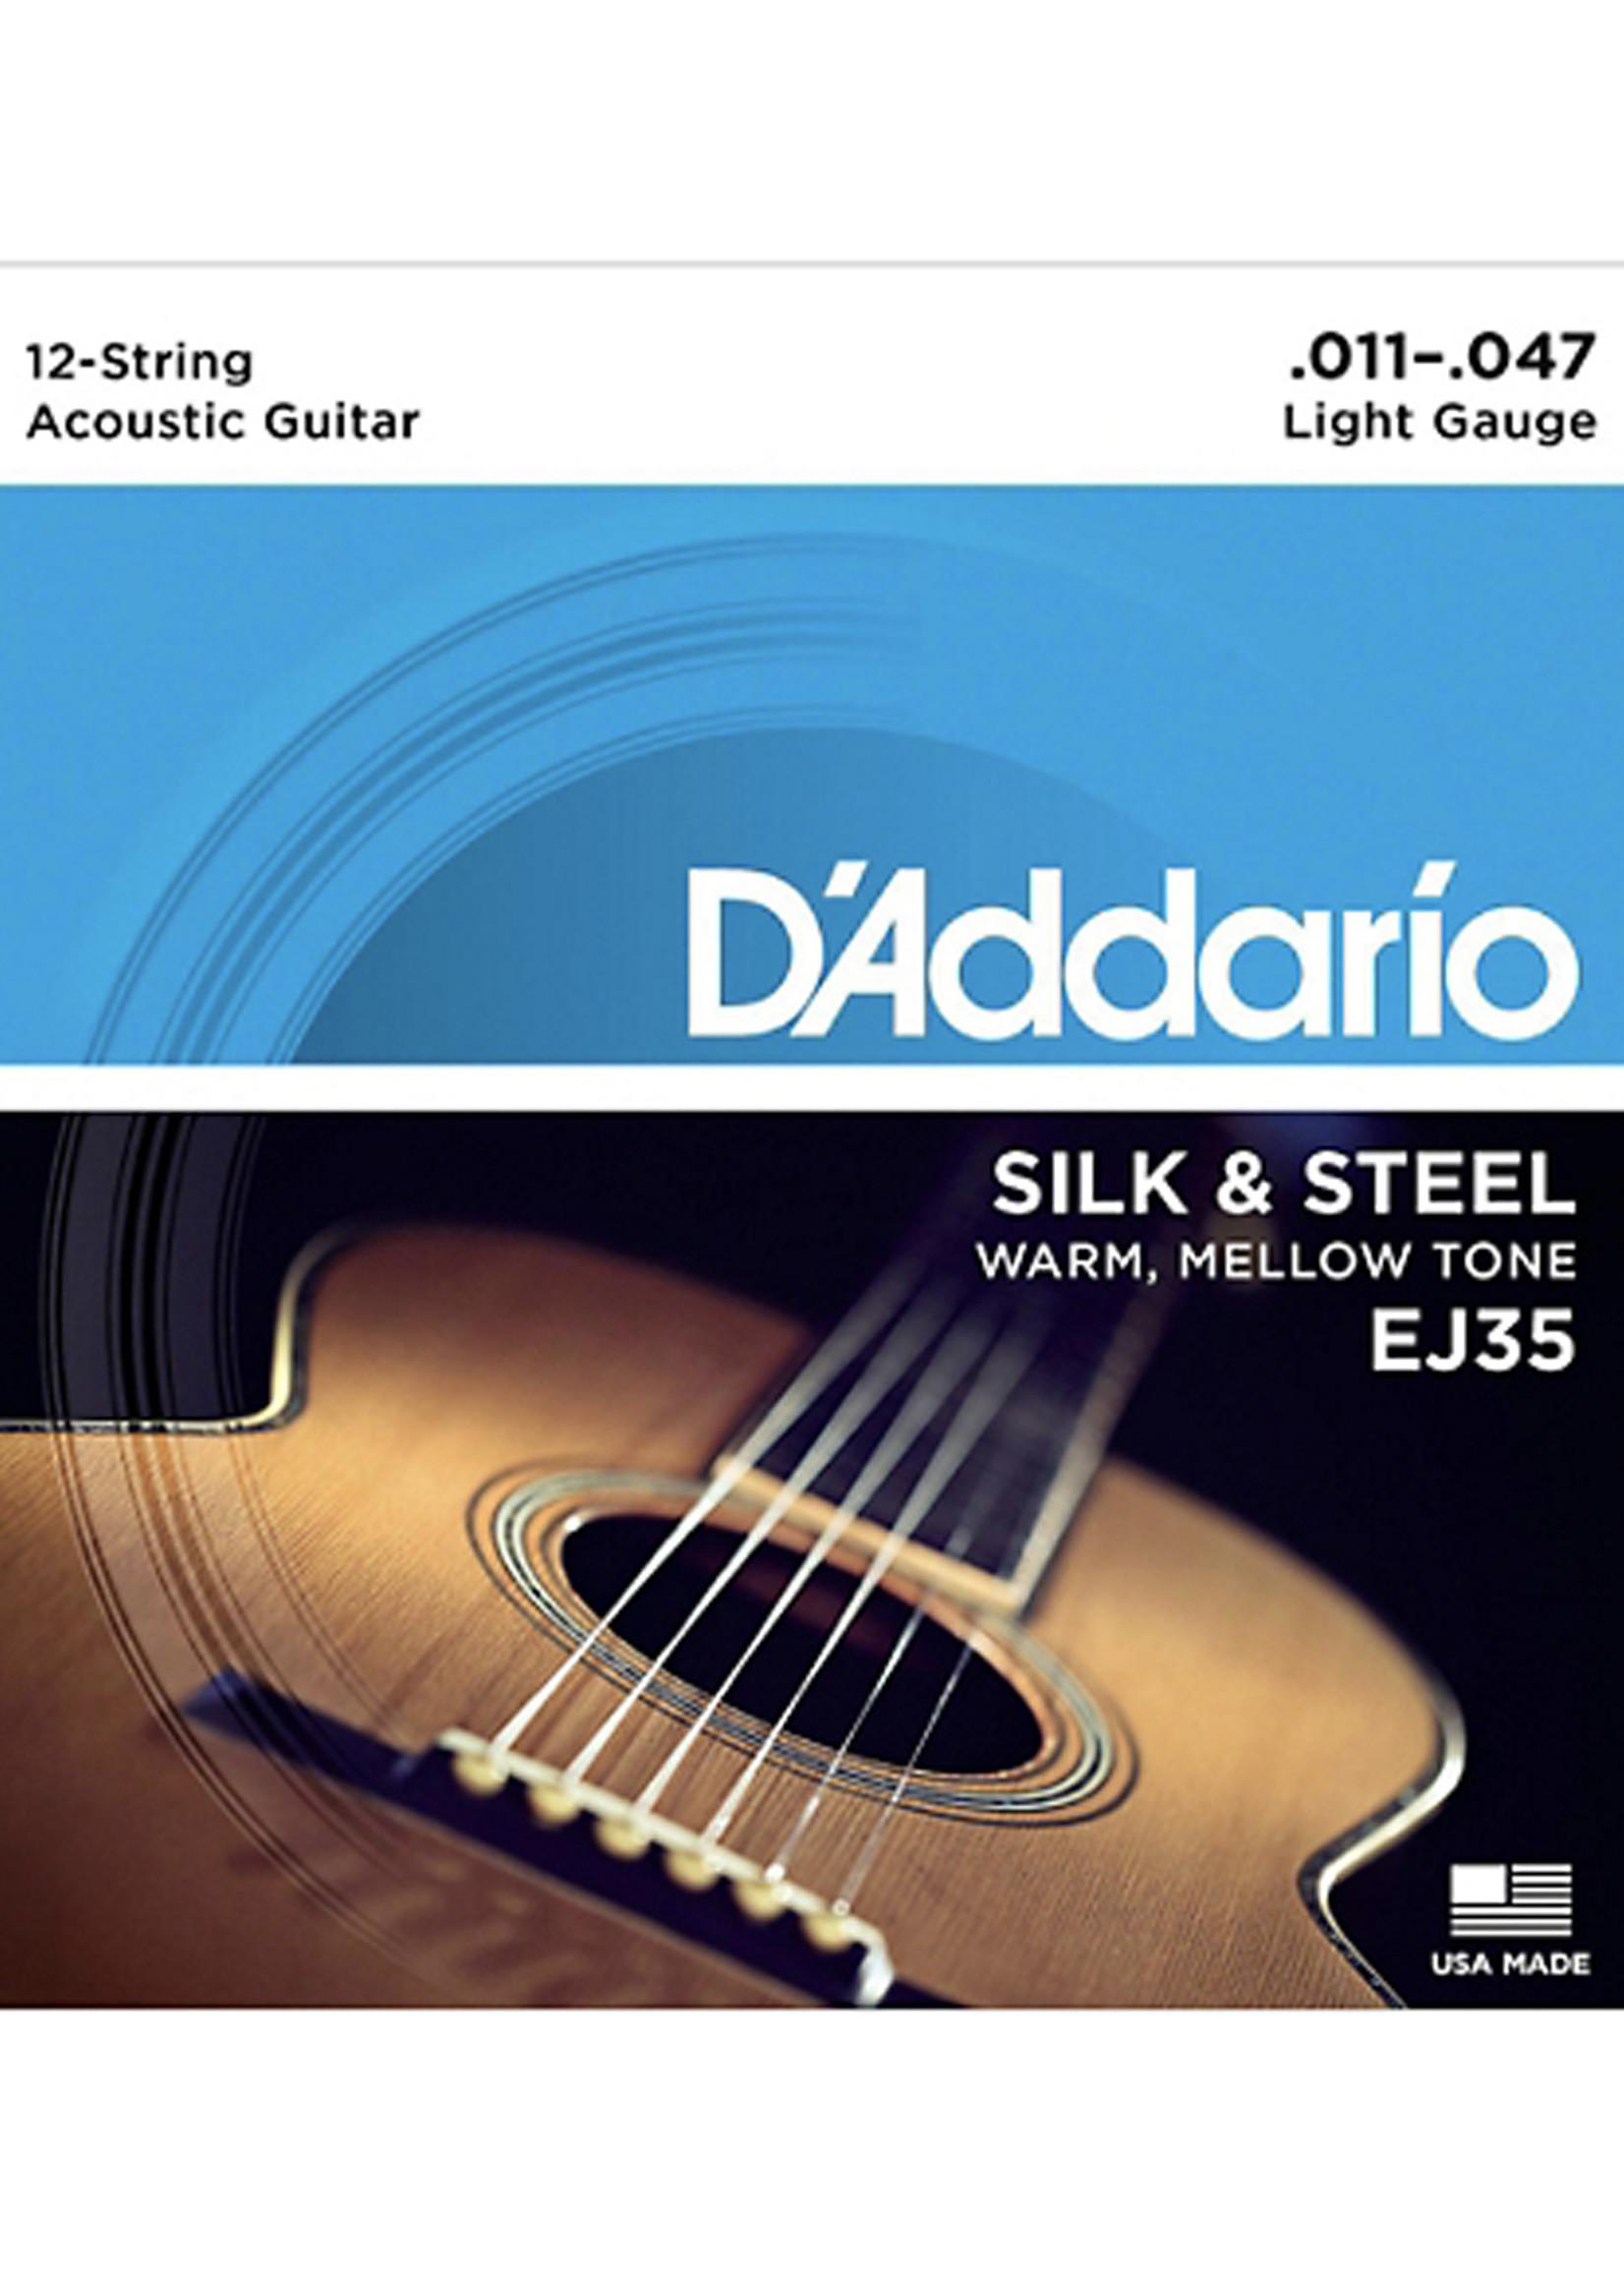 DAddario Fretted D'Addario EJ35 Silk and Steel, 12-String, 11-47